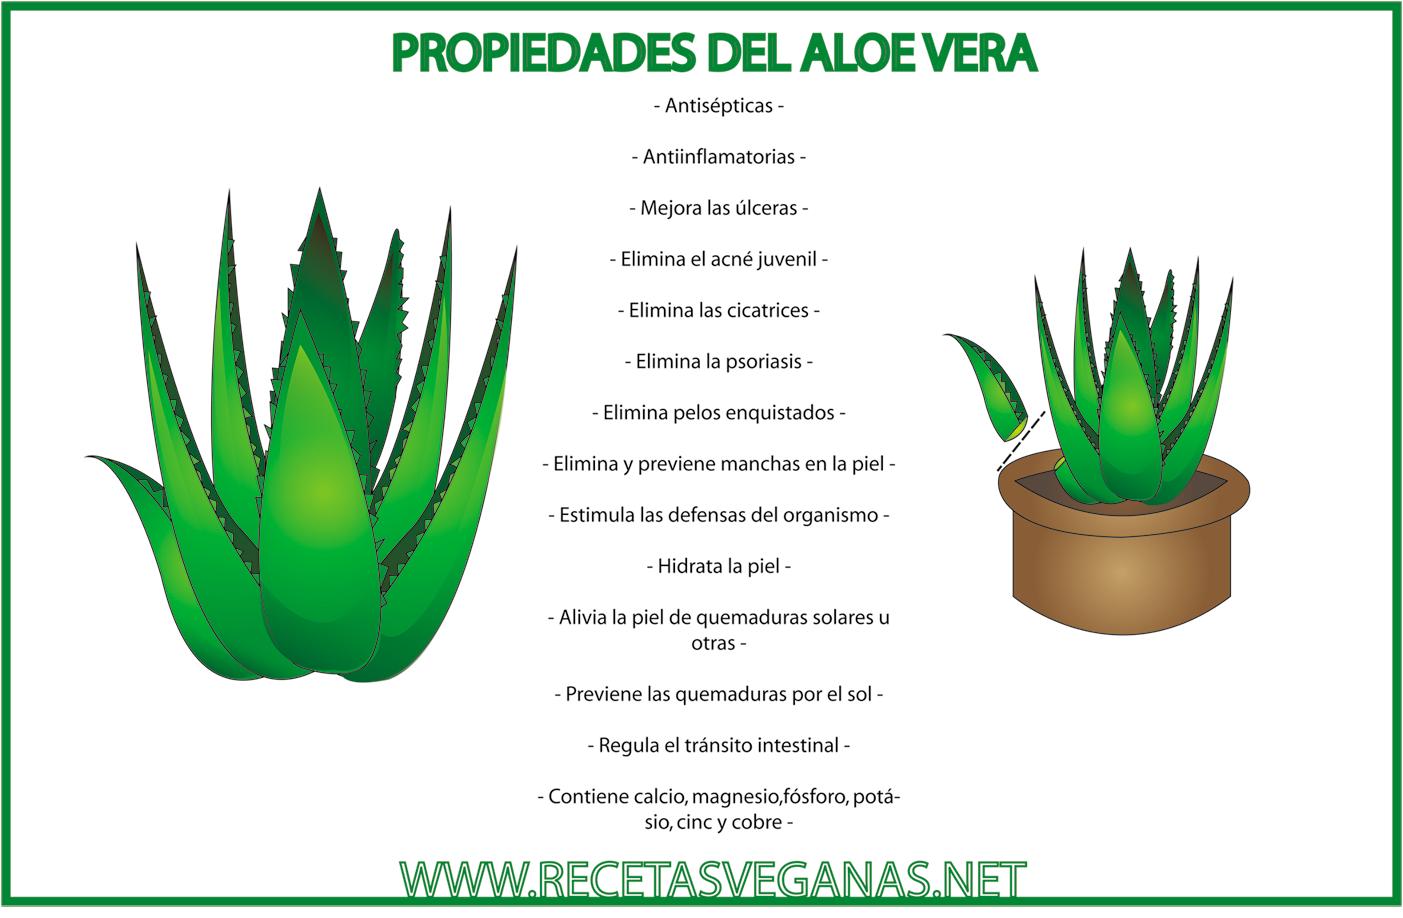 Antropolog a m dica plantas medicinales - Cuidados planta aloe vera casa ...